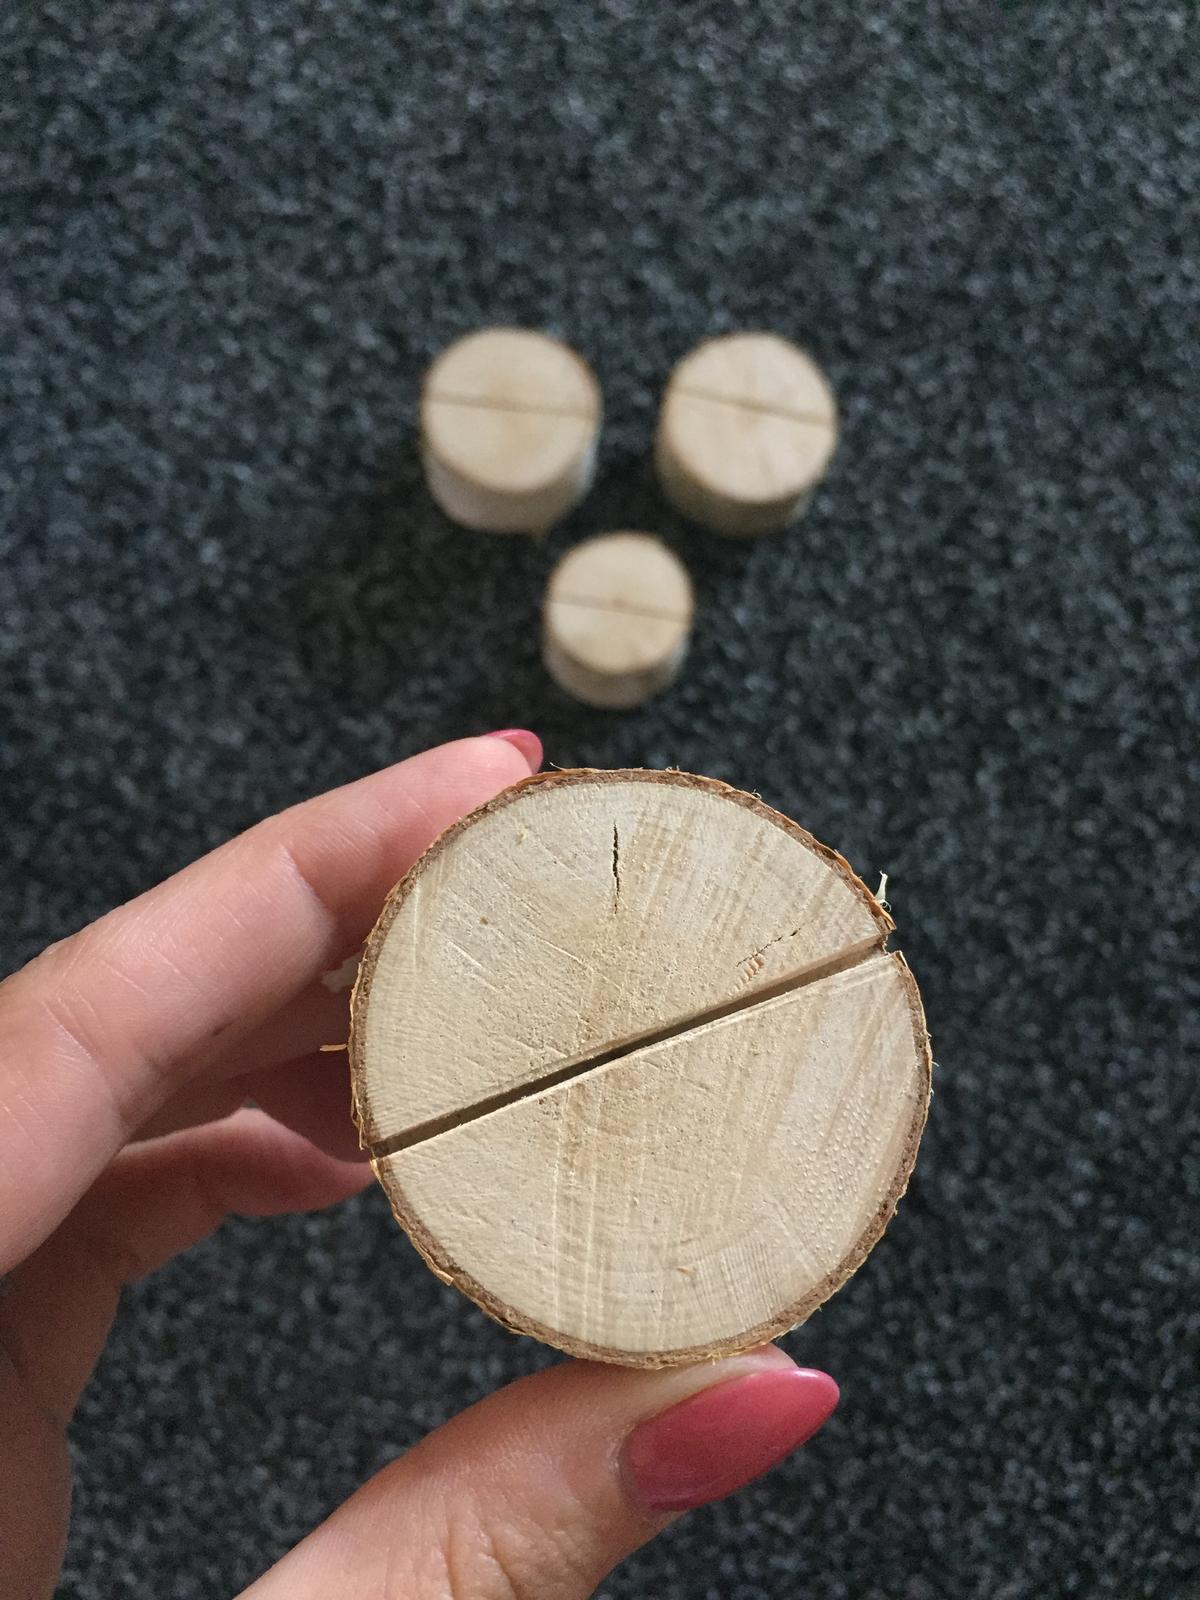 Dřevěné podstavce na jmenovky (bříza) - Obrázek č. 1